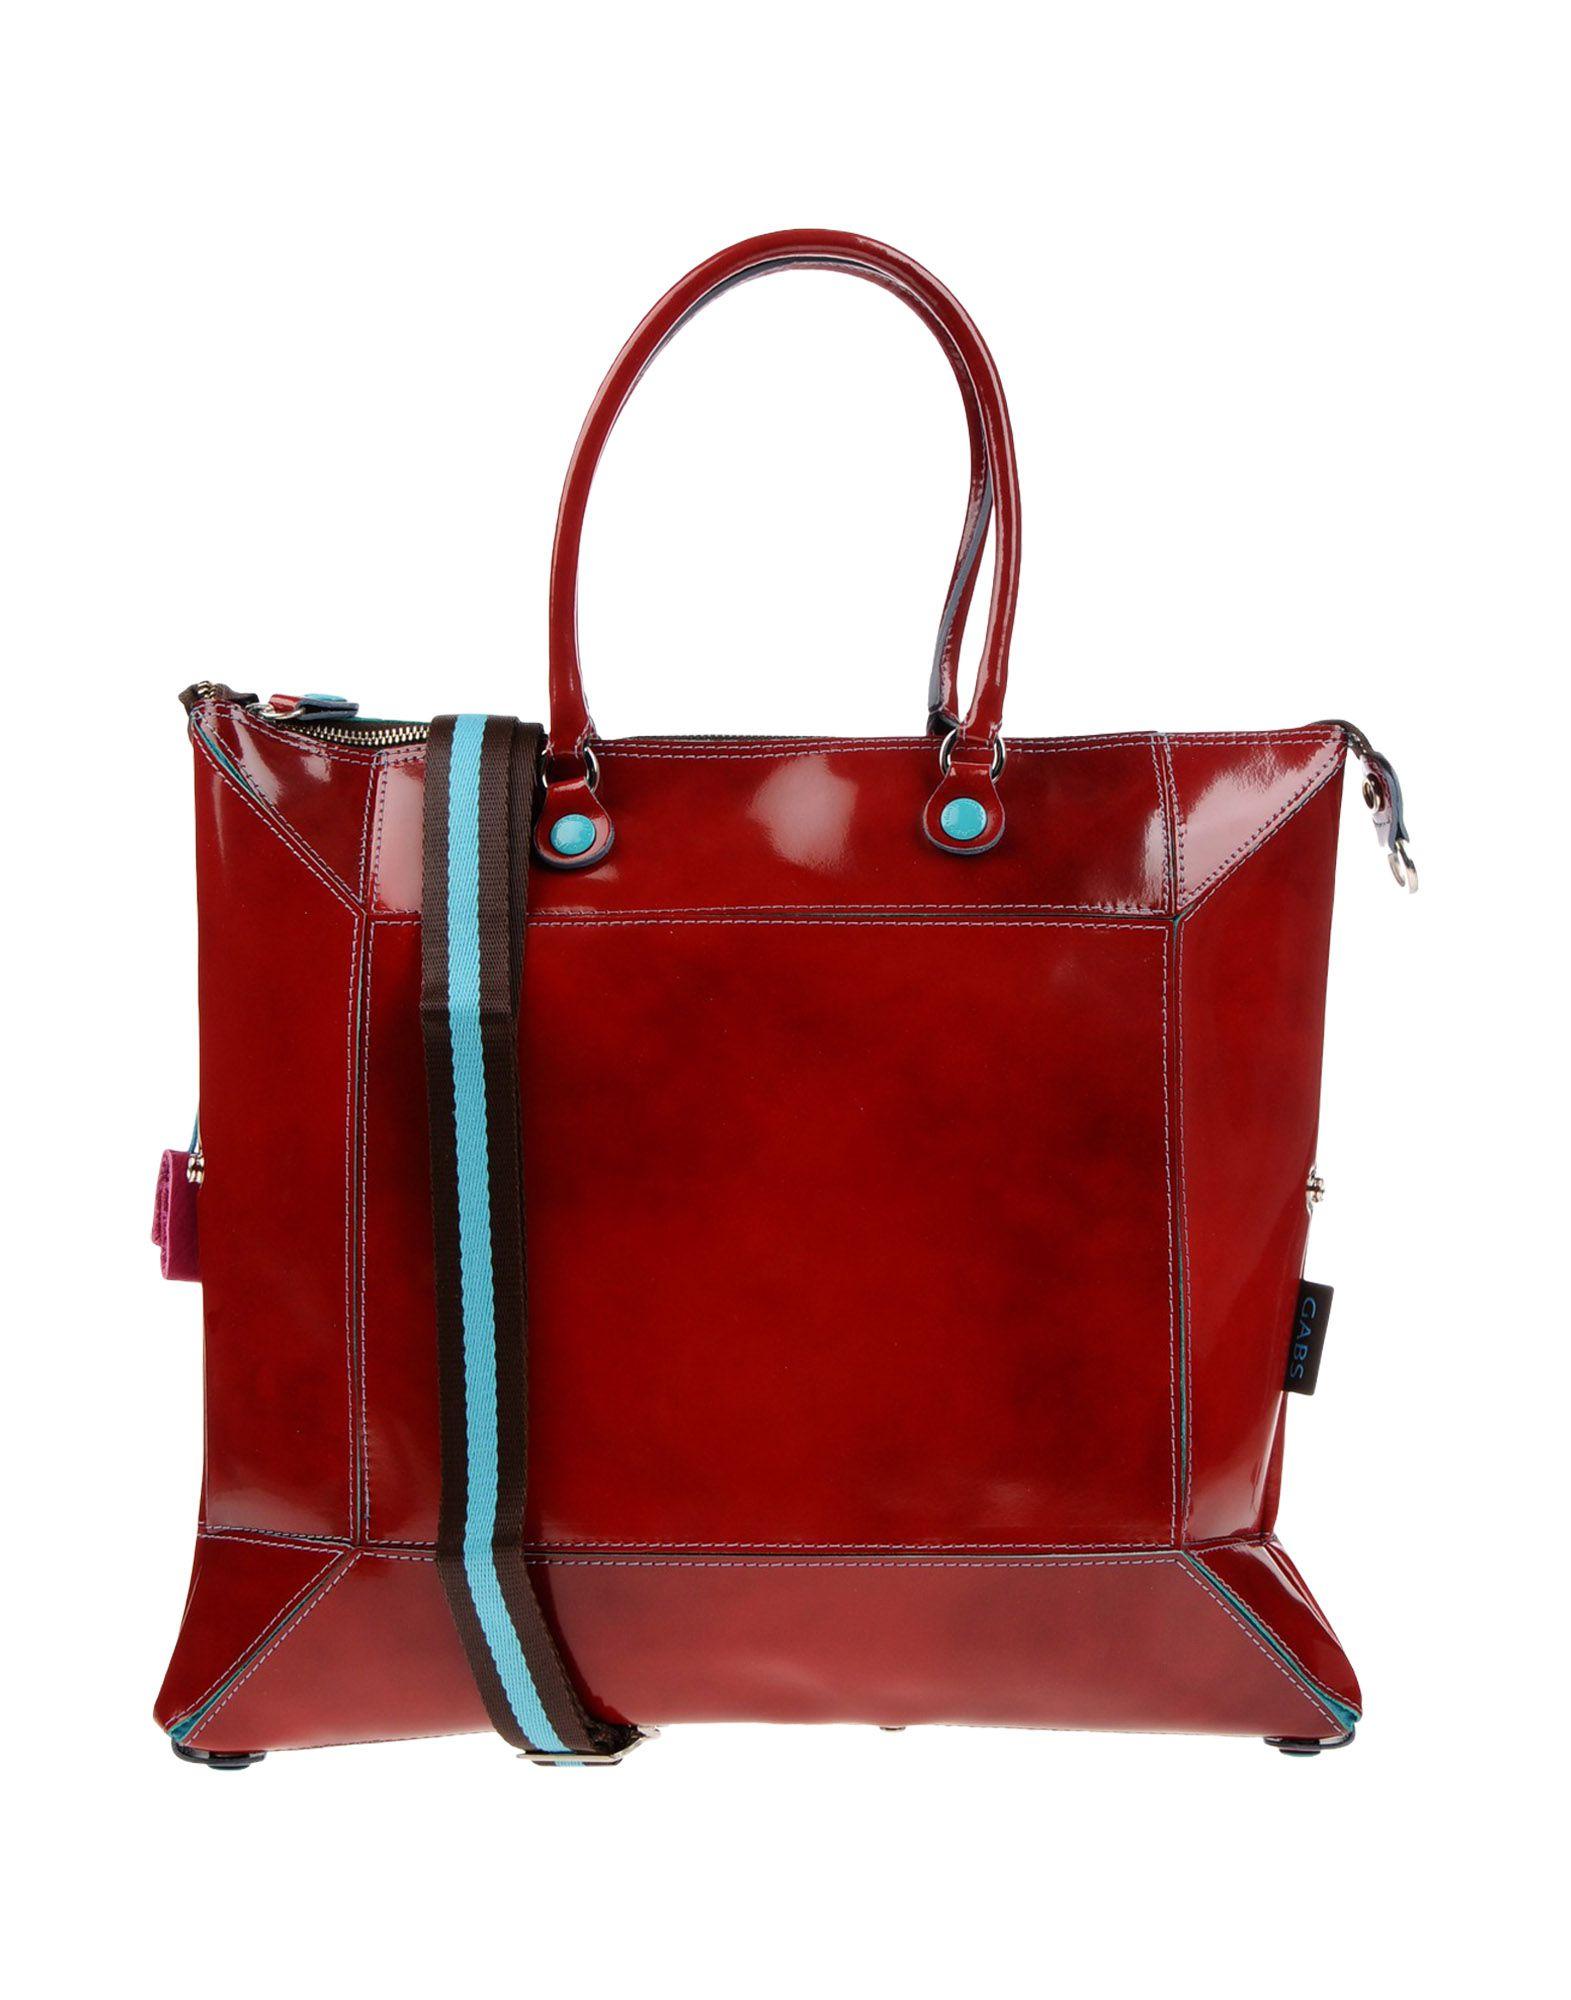 GABS Handbag in Red